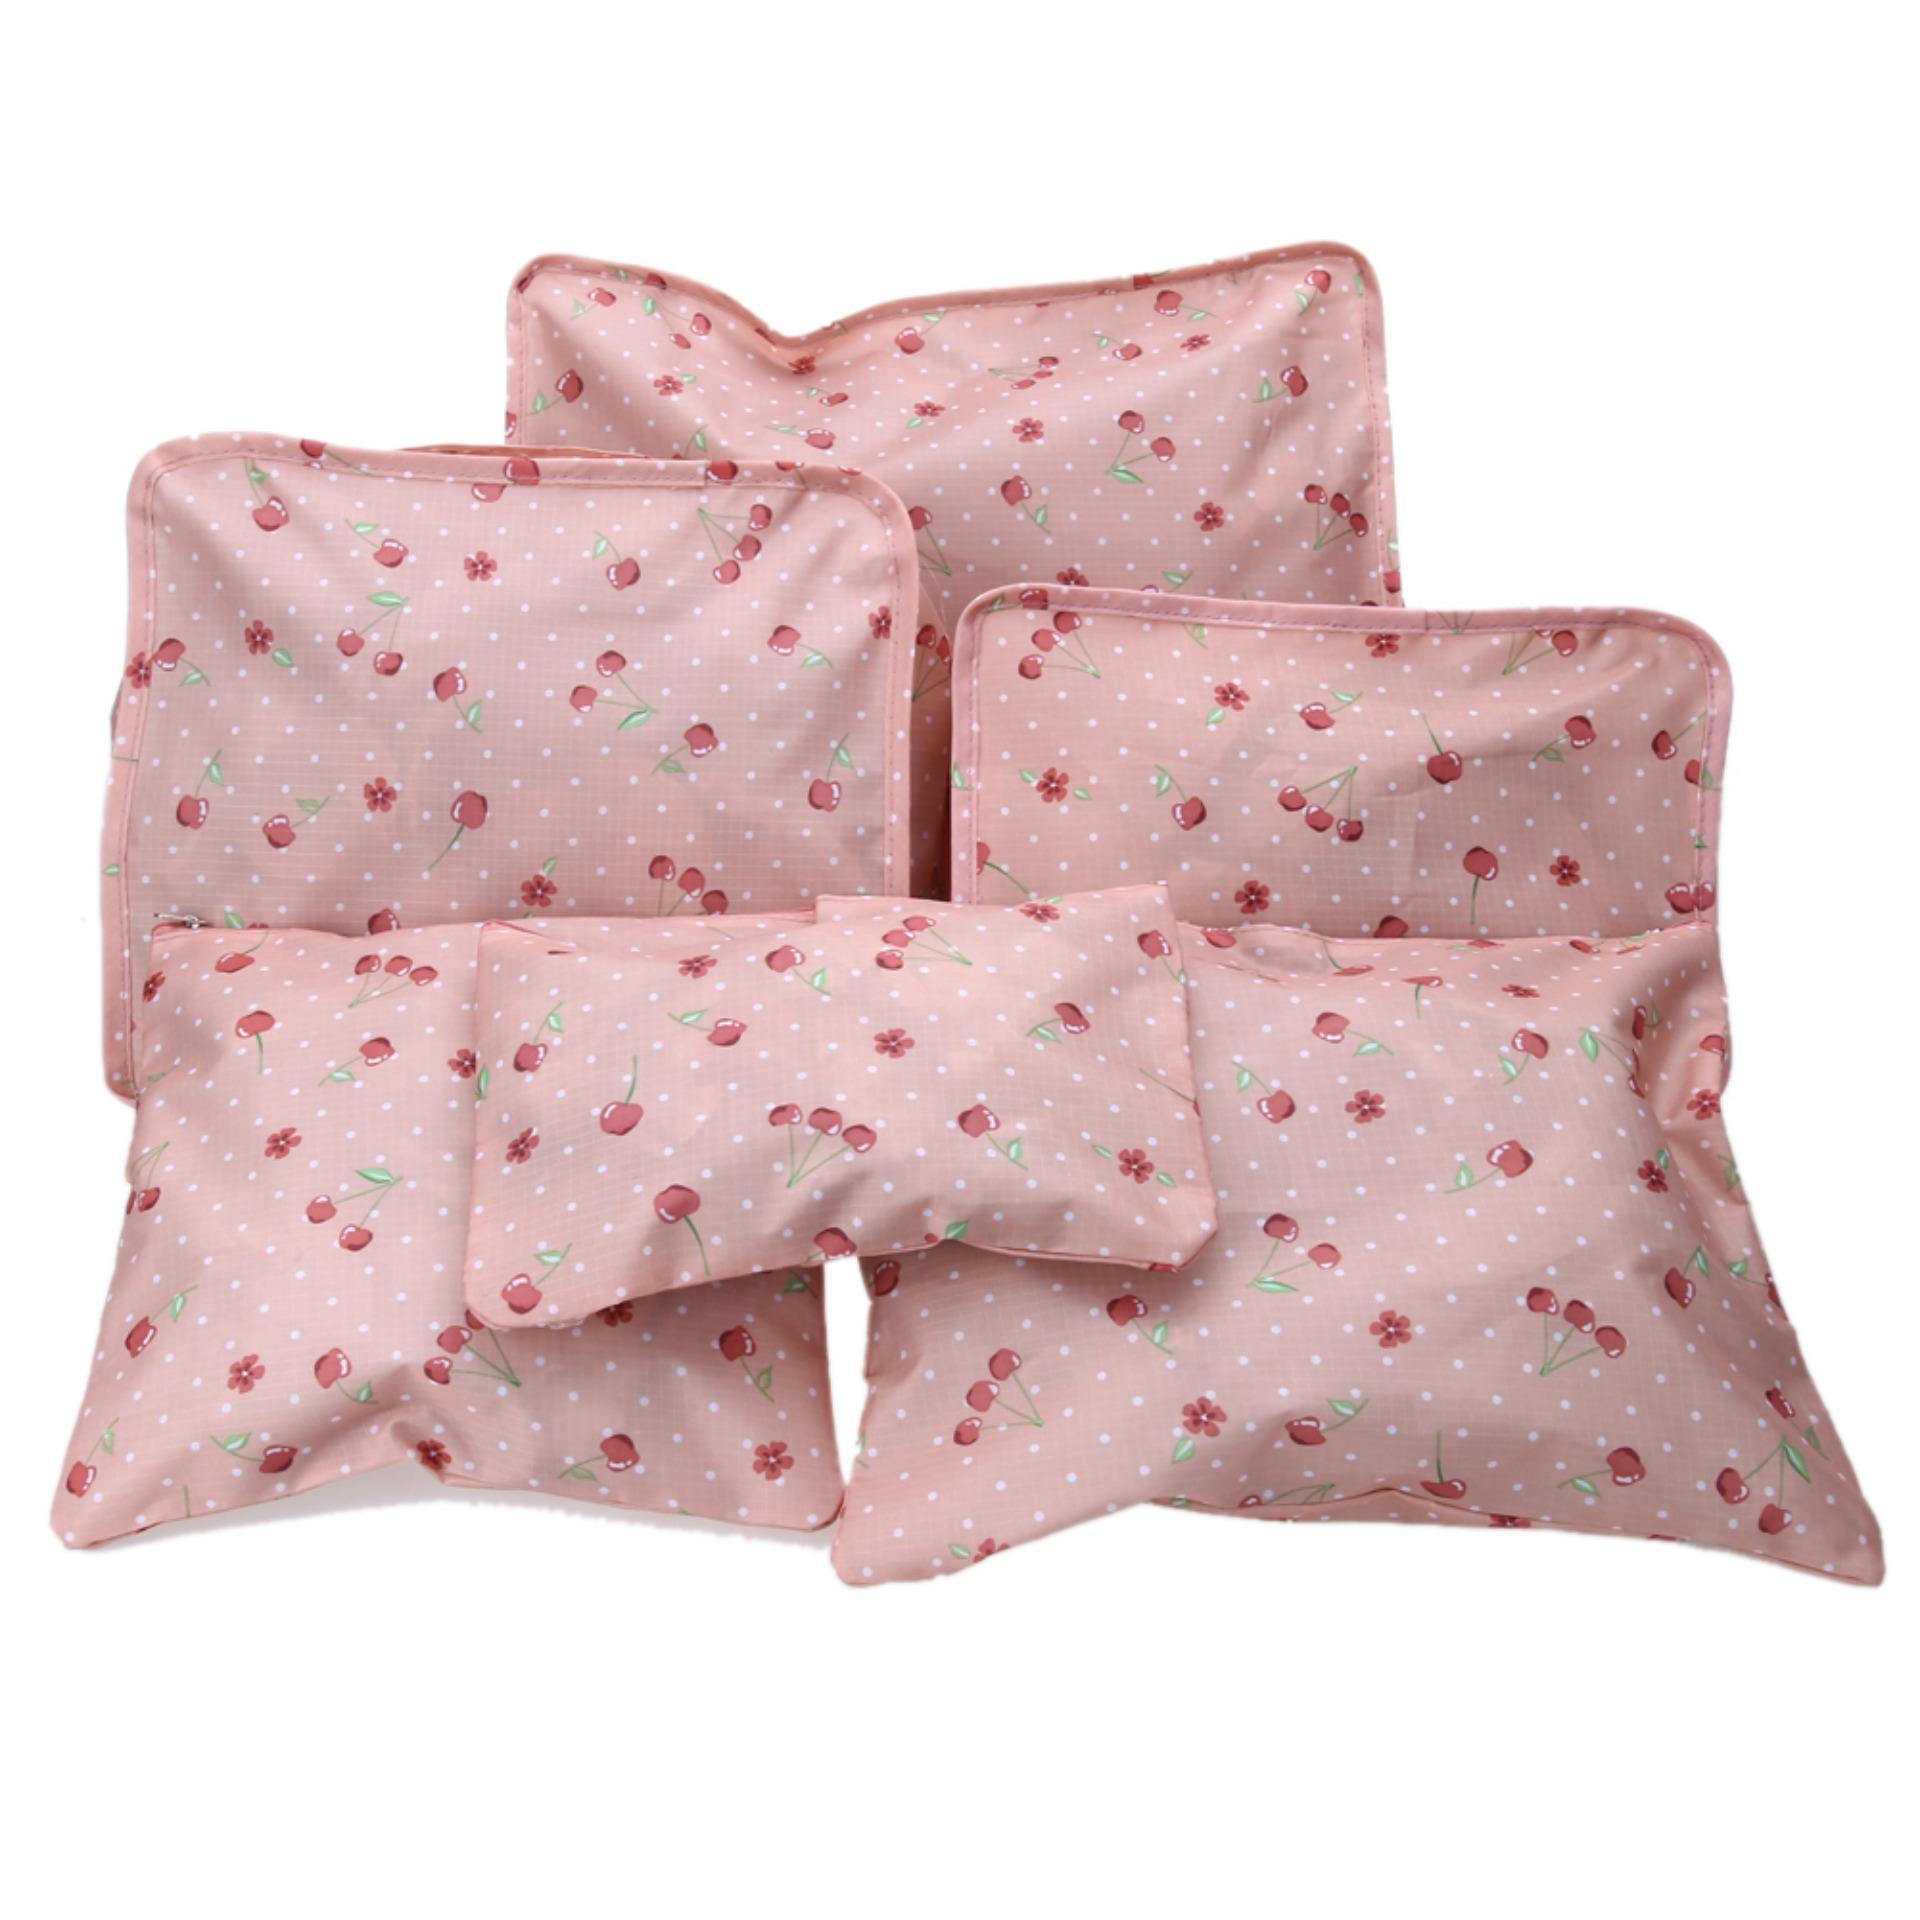 Giá Bộ 6 túi du lịch cherry chống thấm ( hồng nhạt)